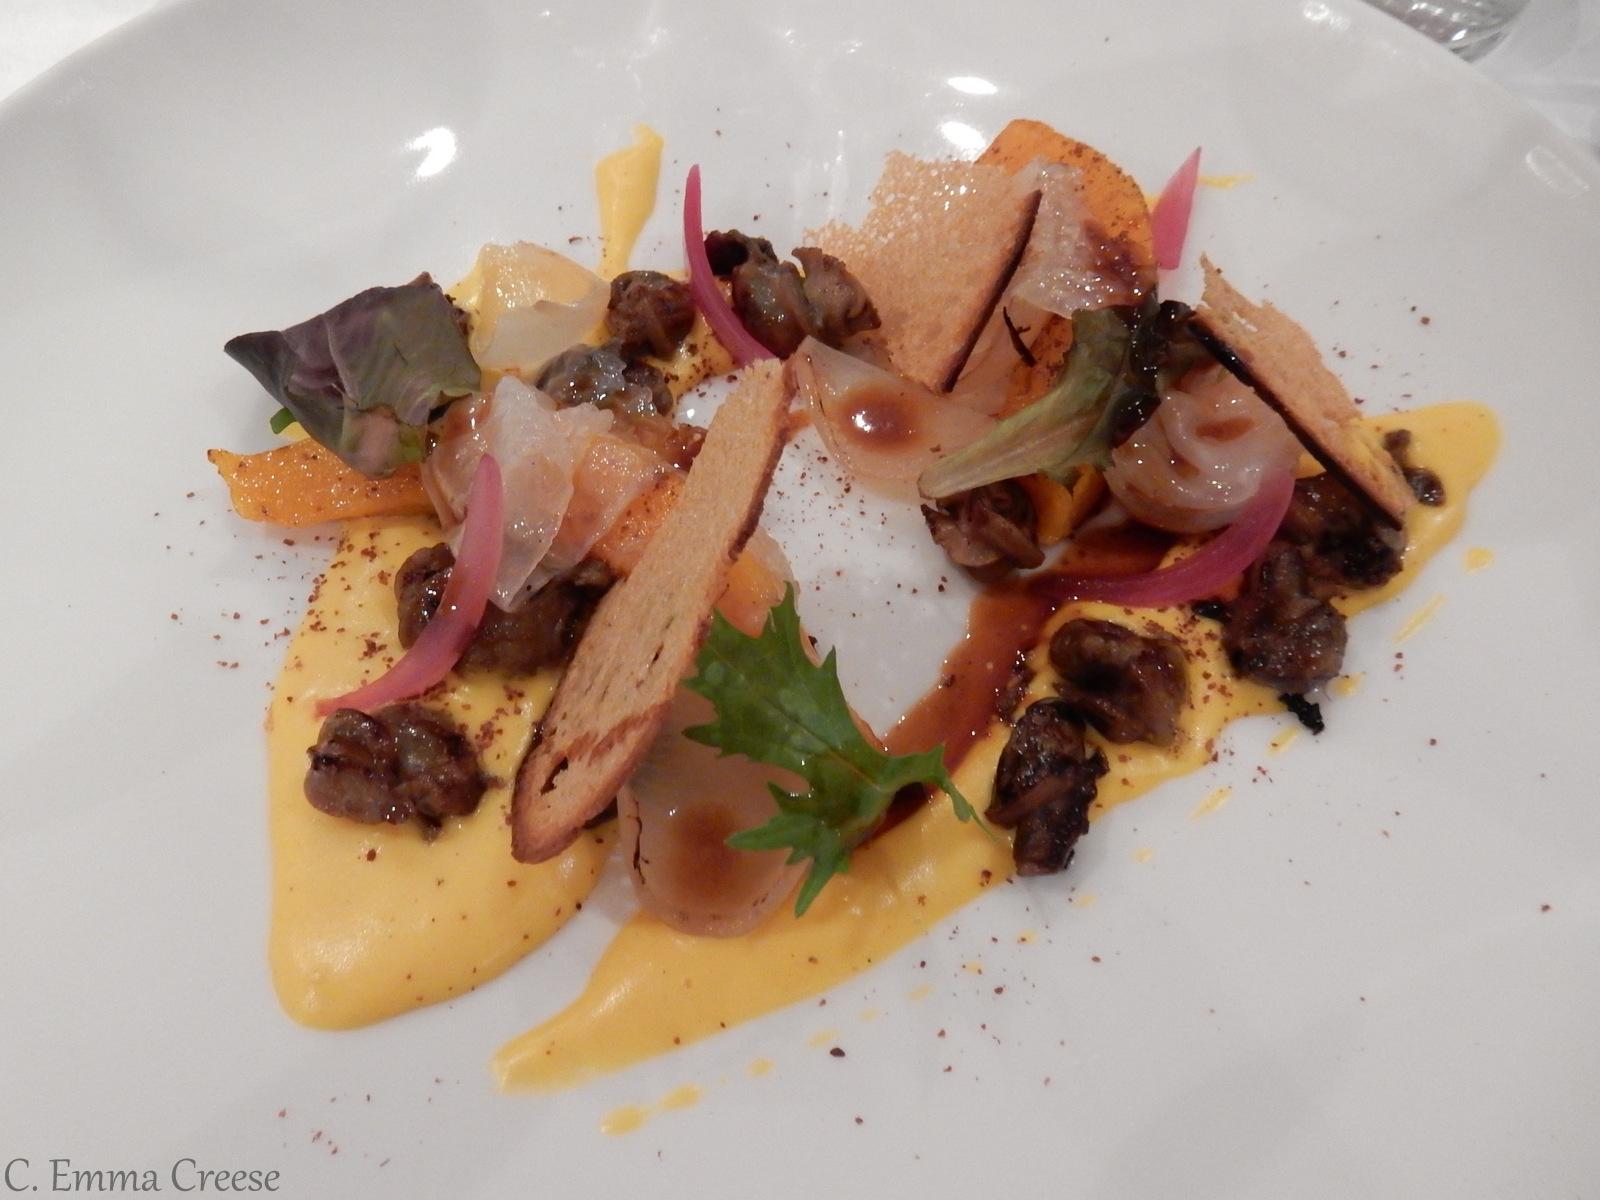 A'telier Restaurant Review Bordeaux France Adventures of a London Kiwi